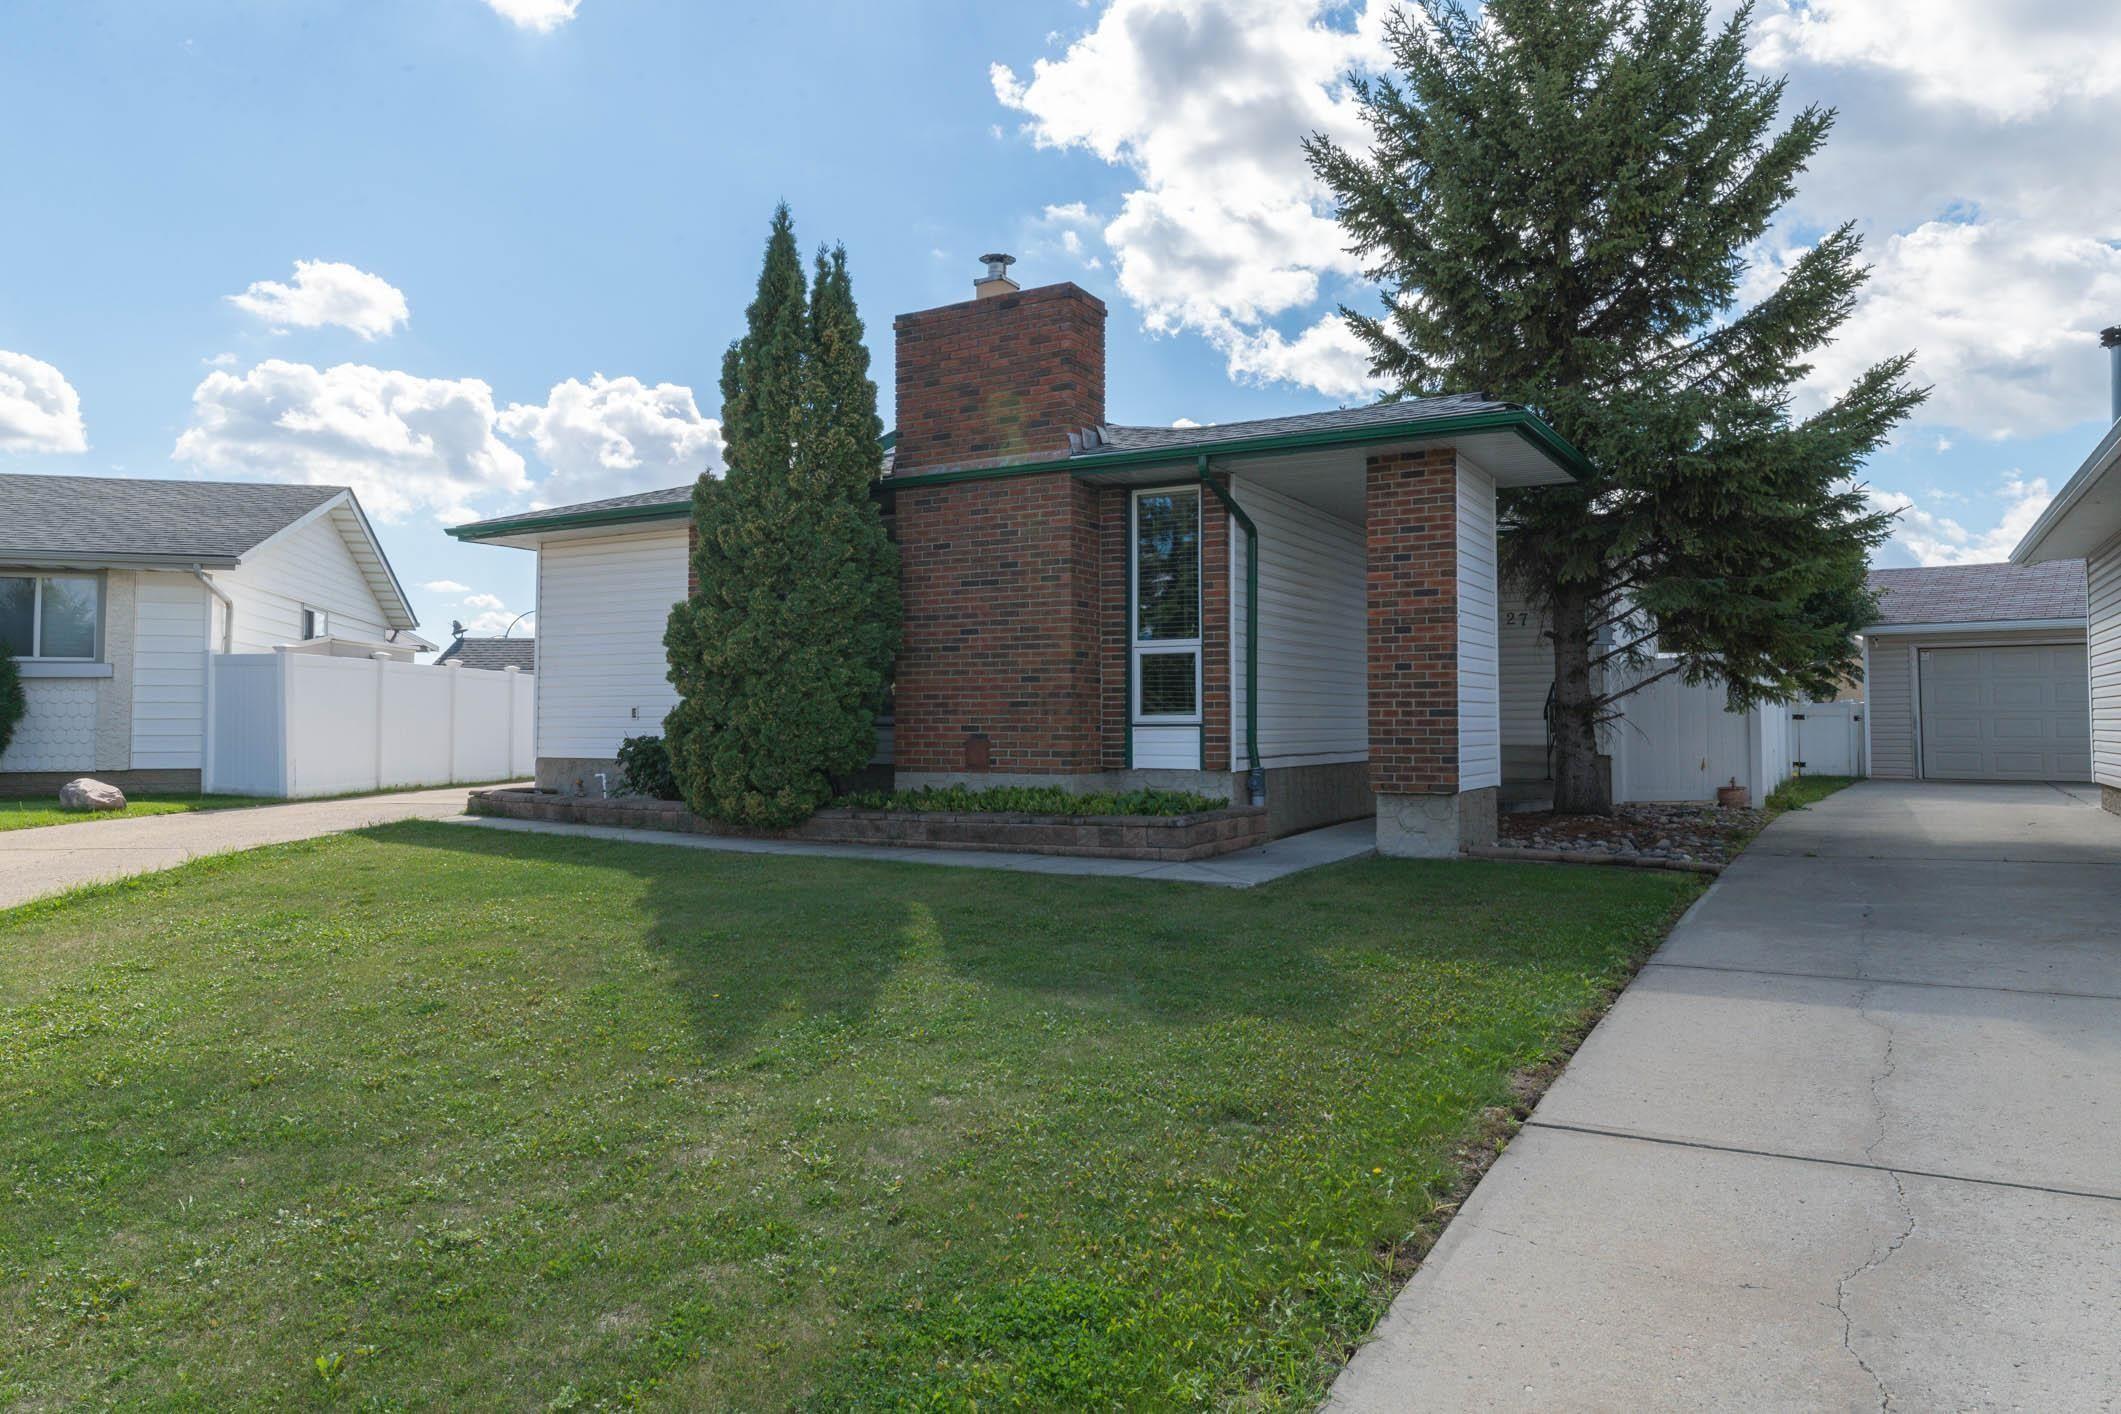 Main Photo: 27 Hamilton Crescent in Edmonton: Zone 35 House for sale : MLS®# E4262636